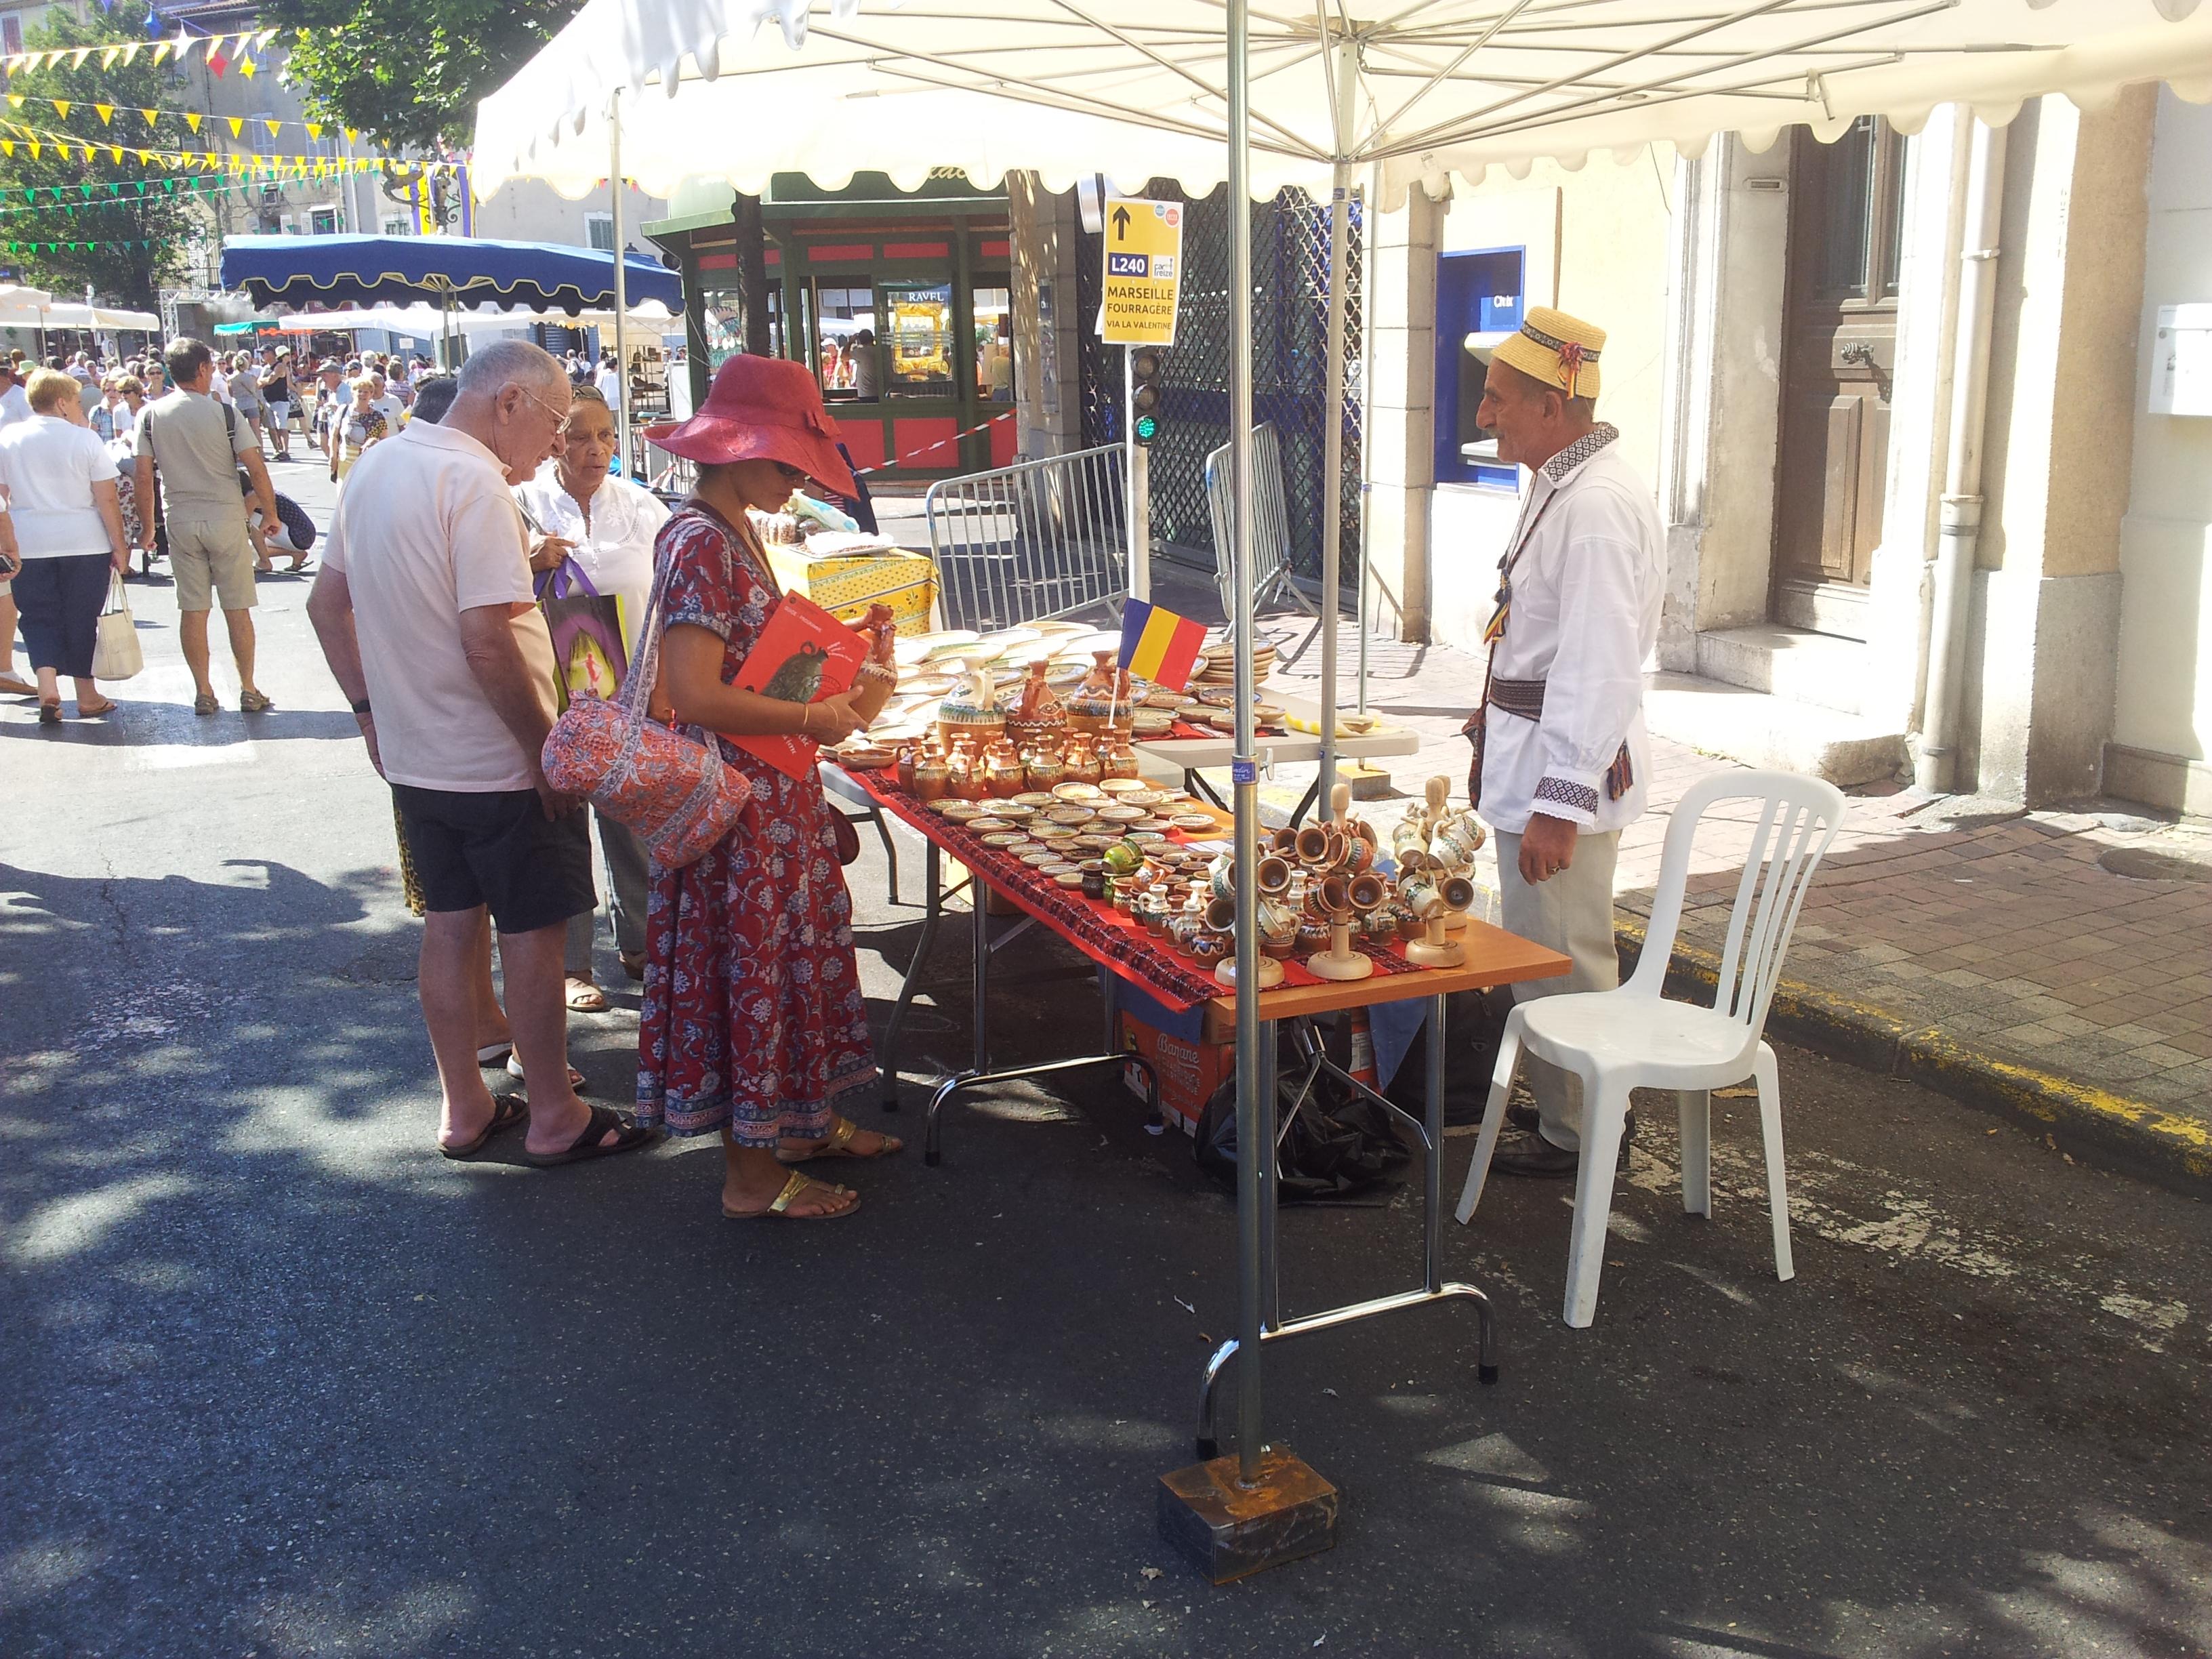 http://culturaarsmundi.ro/wp-content/uploads/2013/08/3.jpg